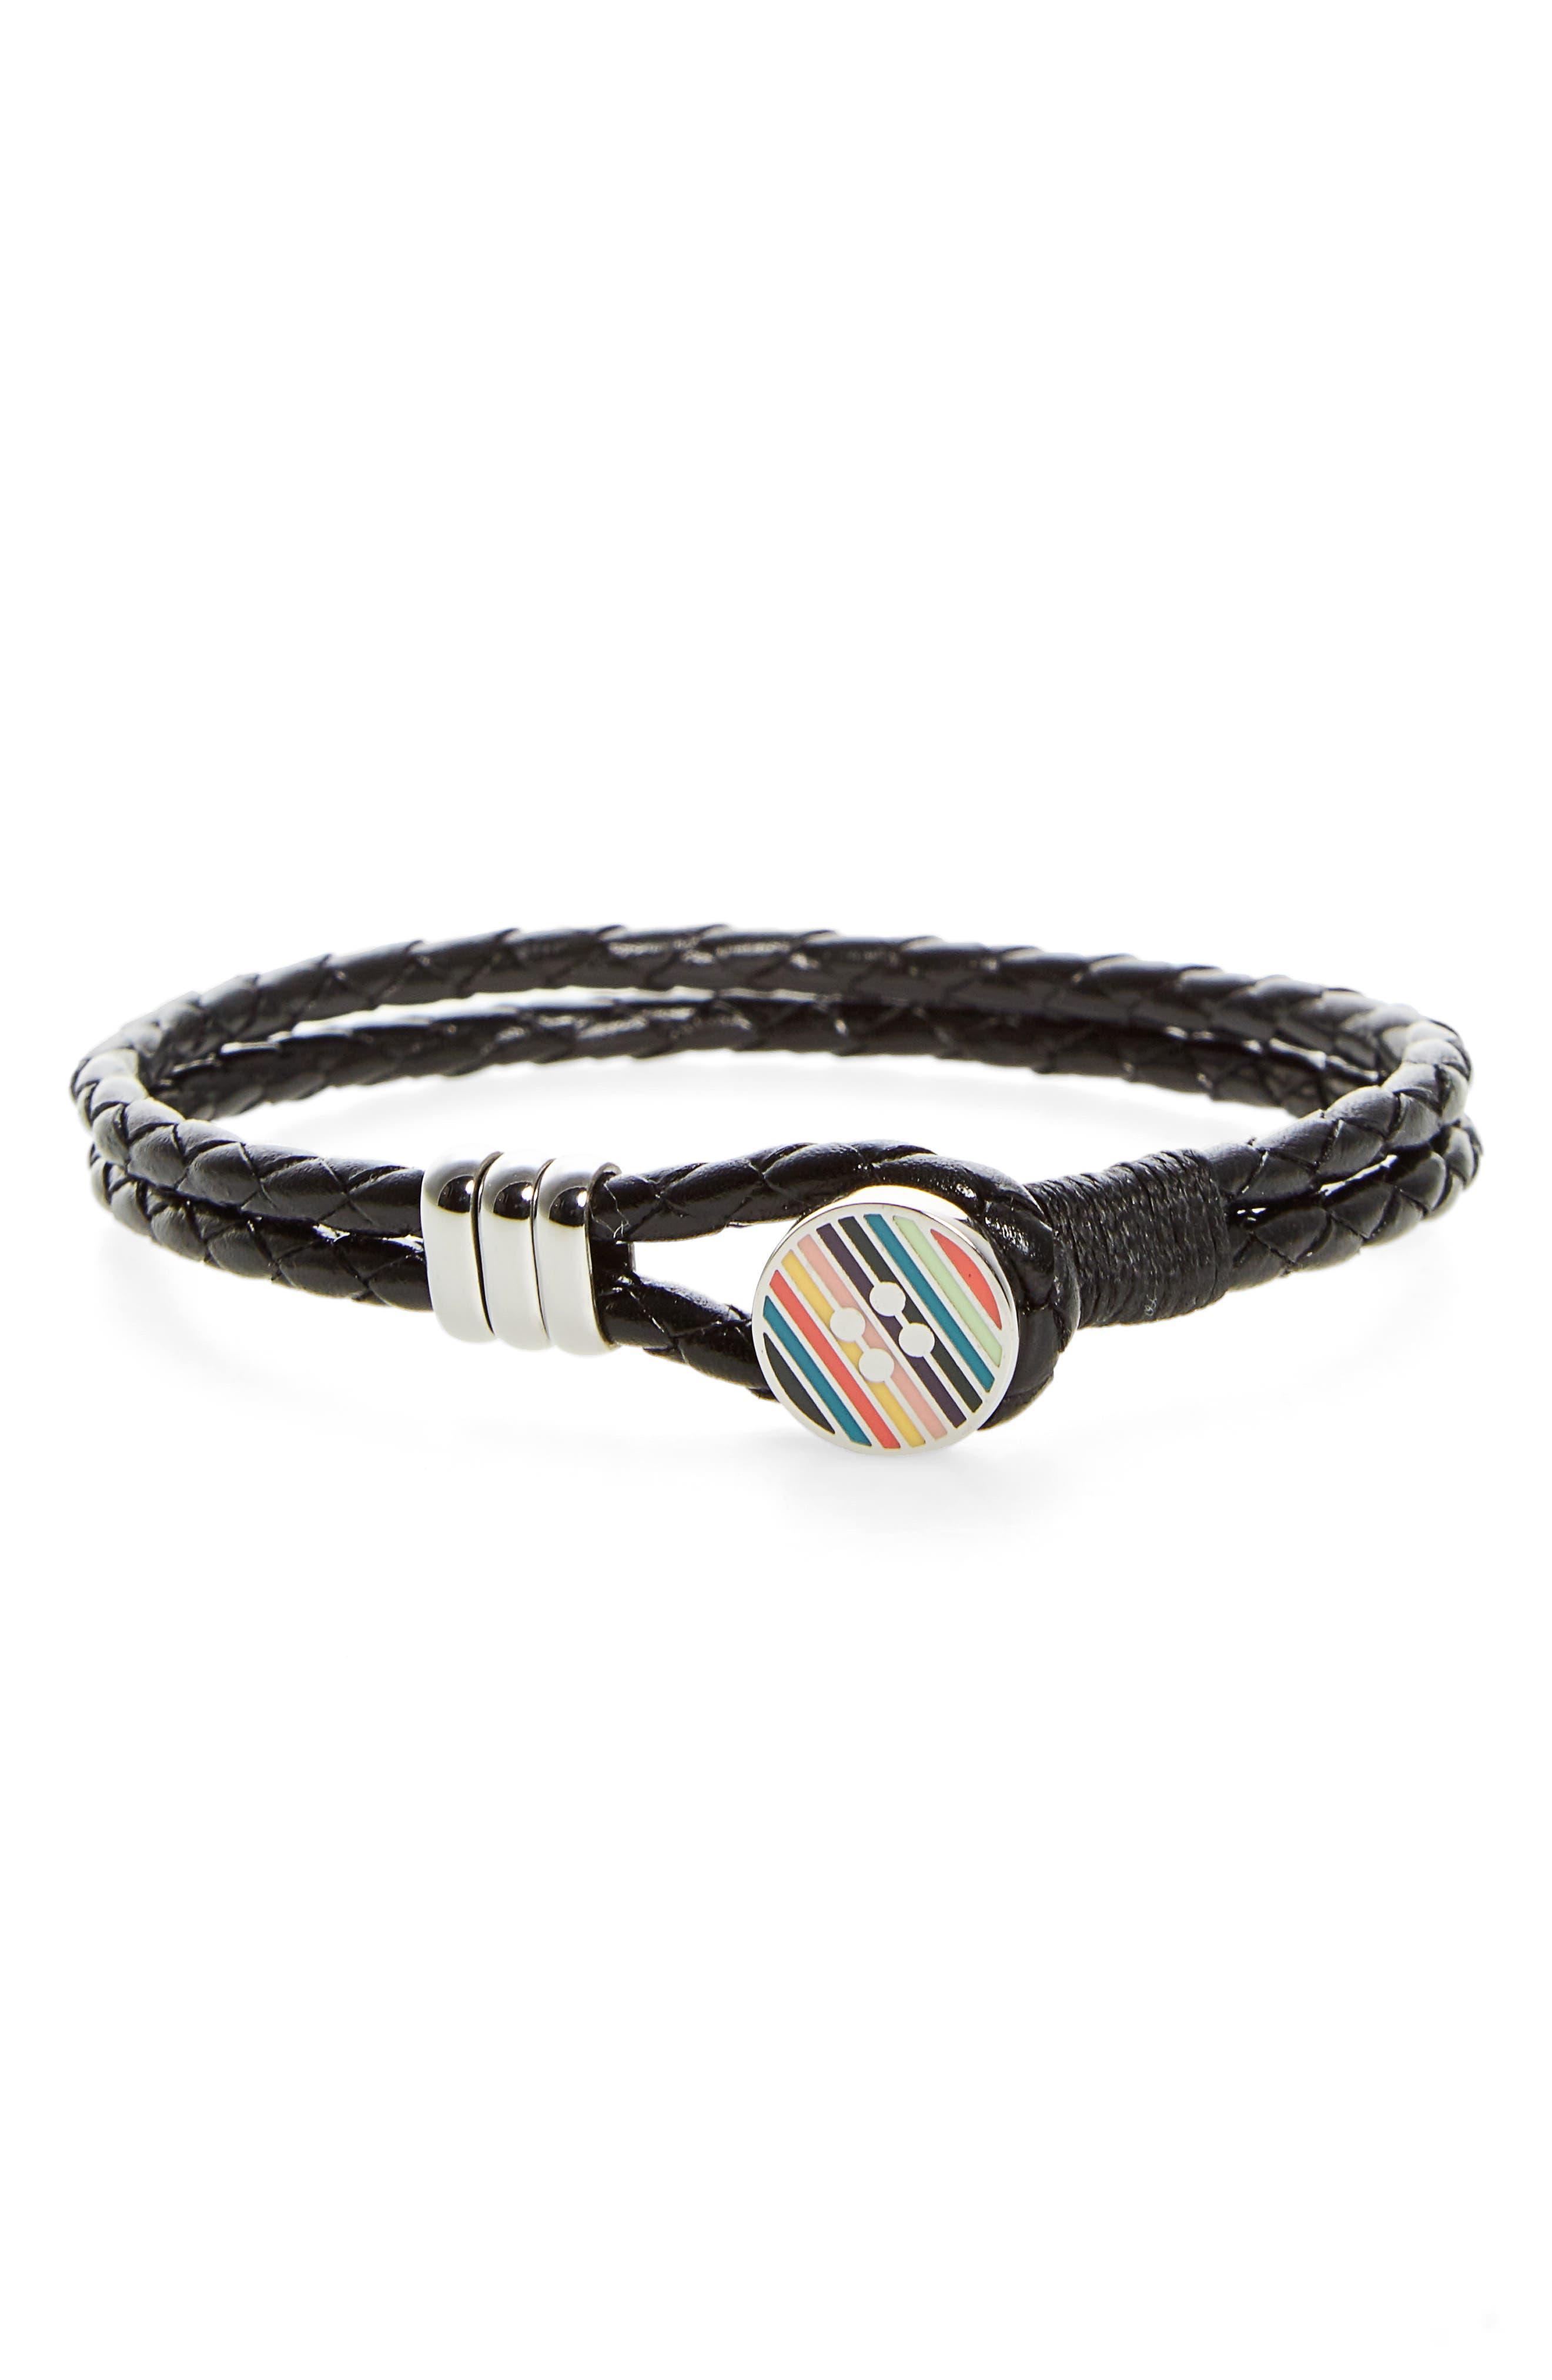 Enamel Button Leather Bracelet,                         Main,                         color, Black